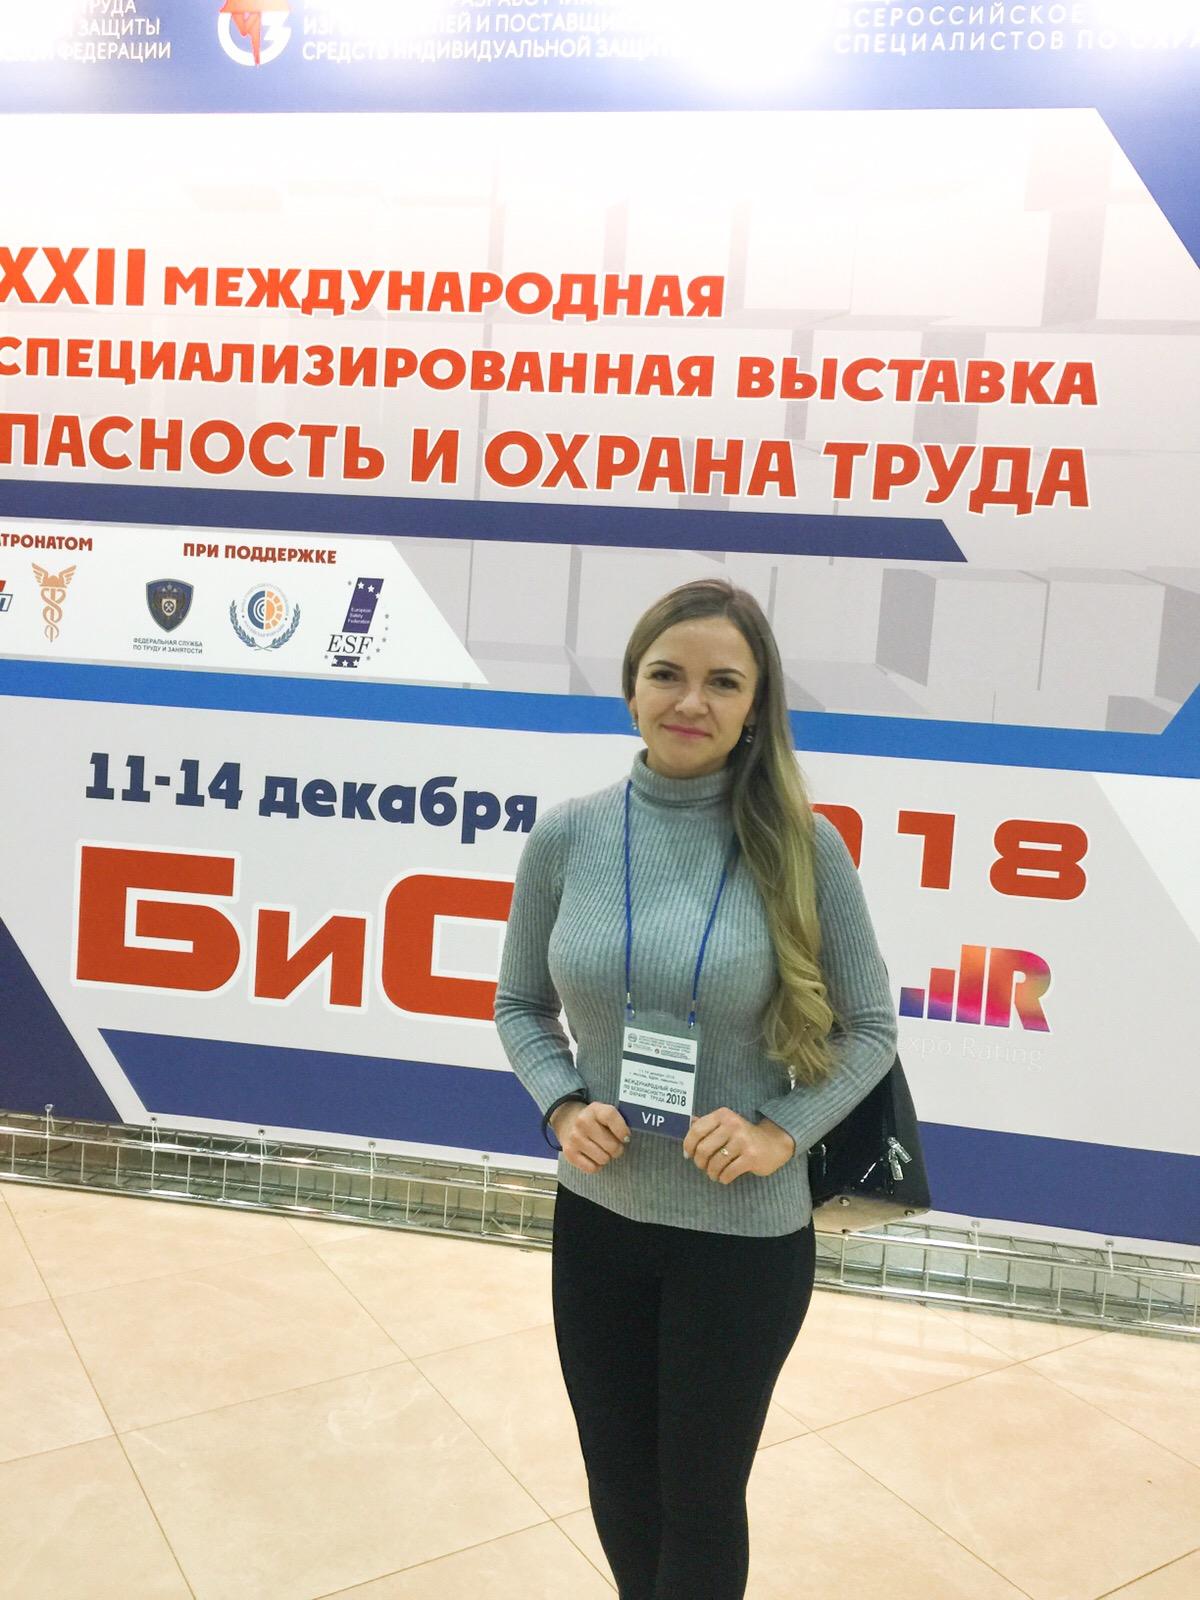 Международный форум по безопасности и охране труда.